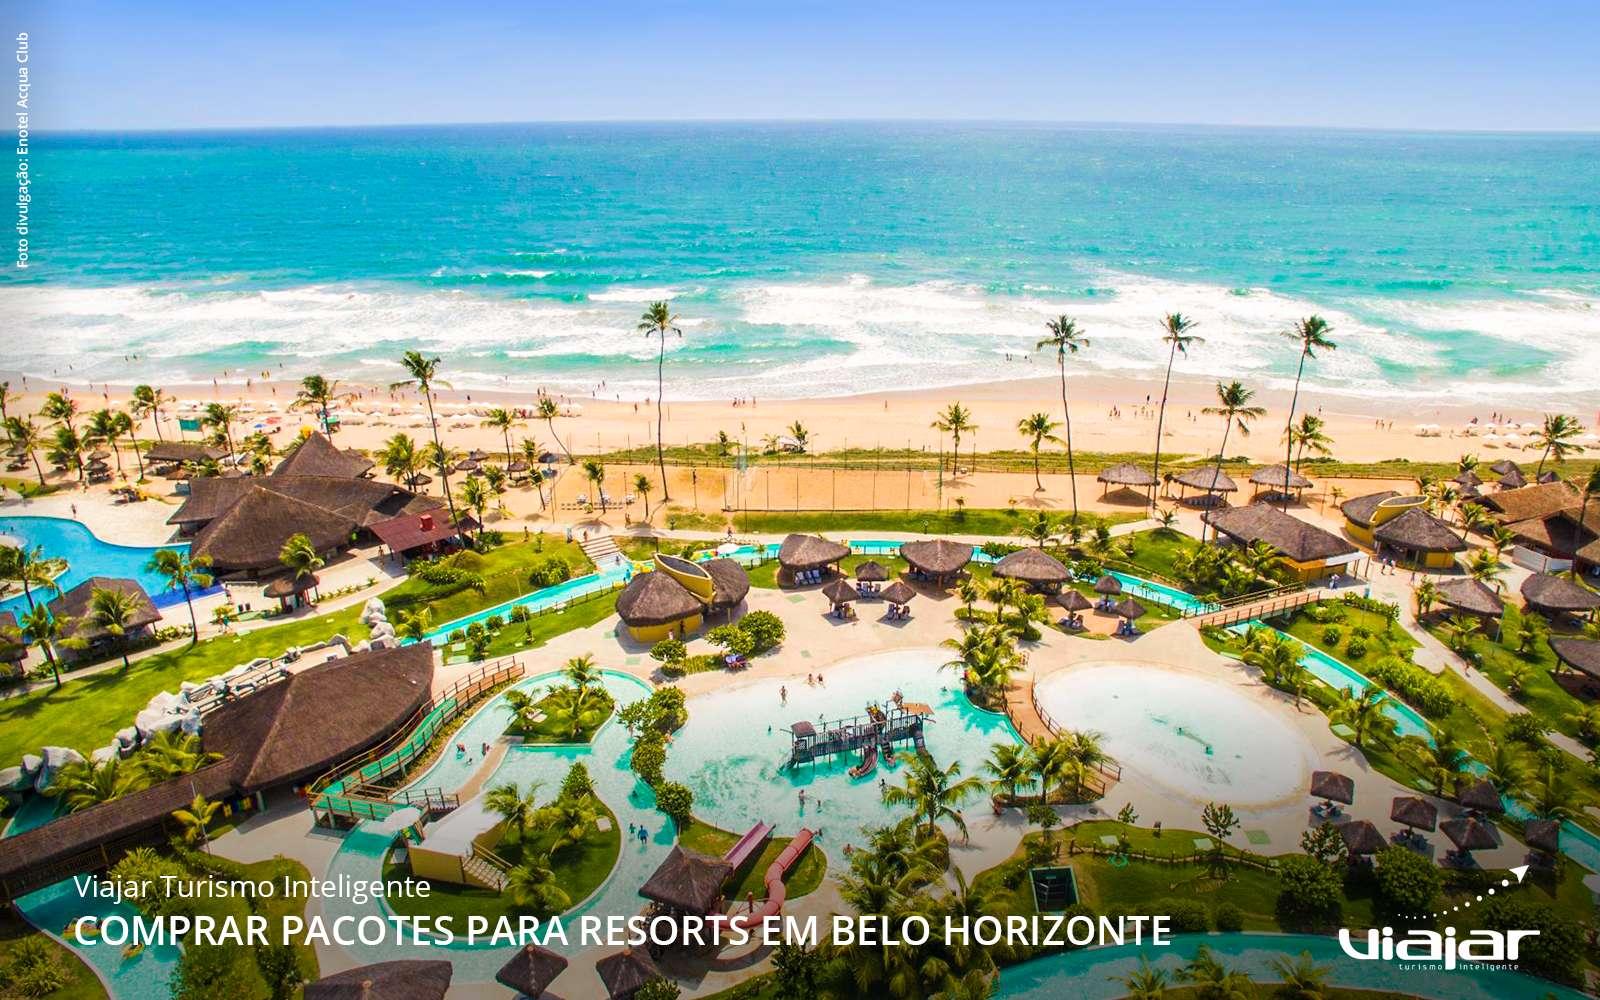 viajar-turismo-inteligente-comprar-pacotes-resorts-belo-horizonte-minas-gerais-01-1